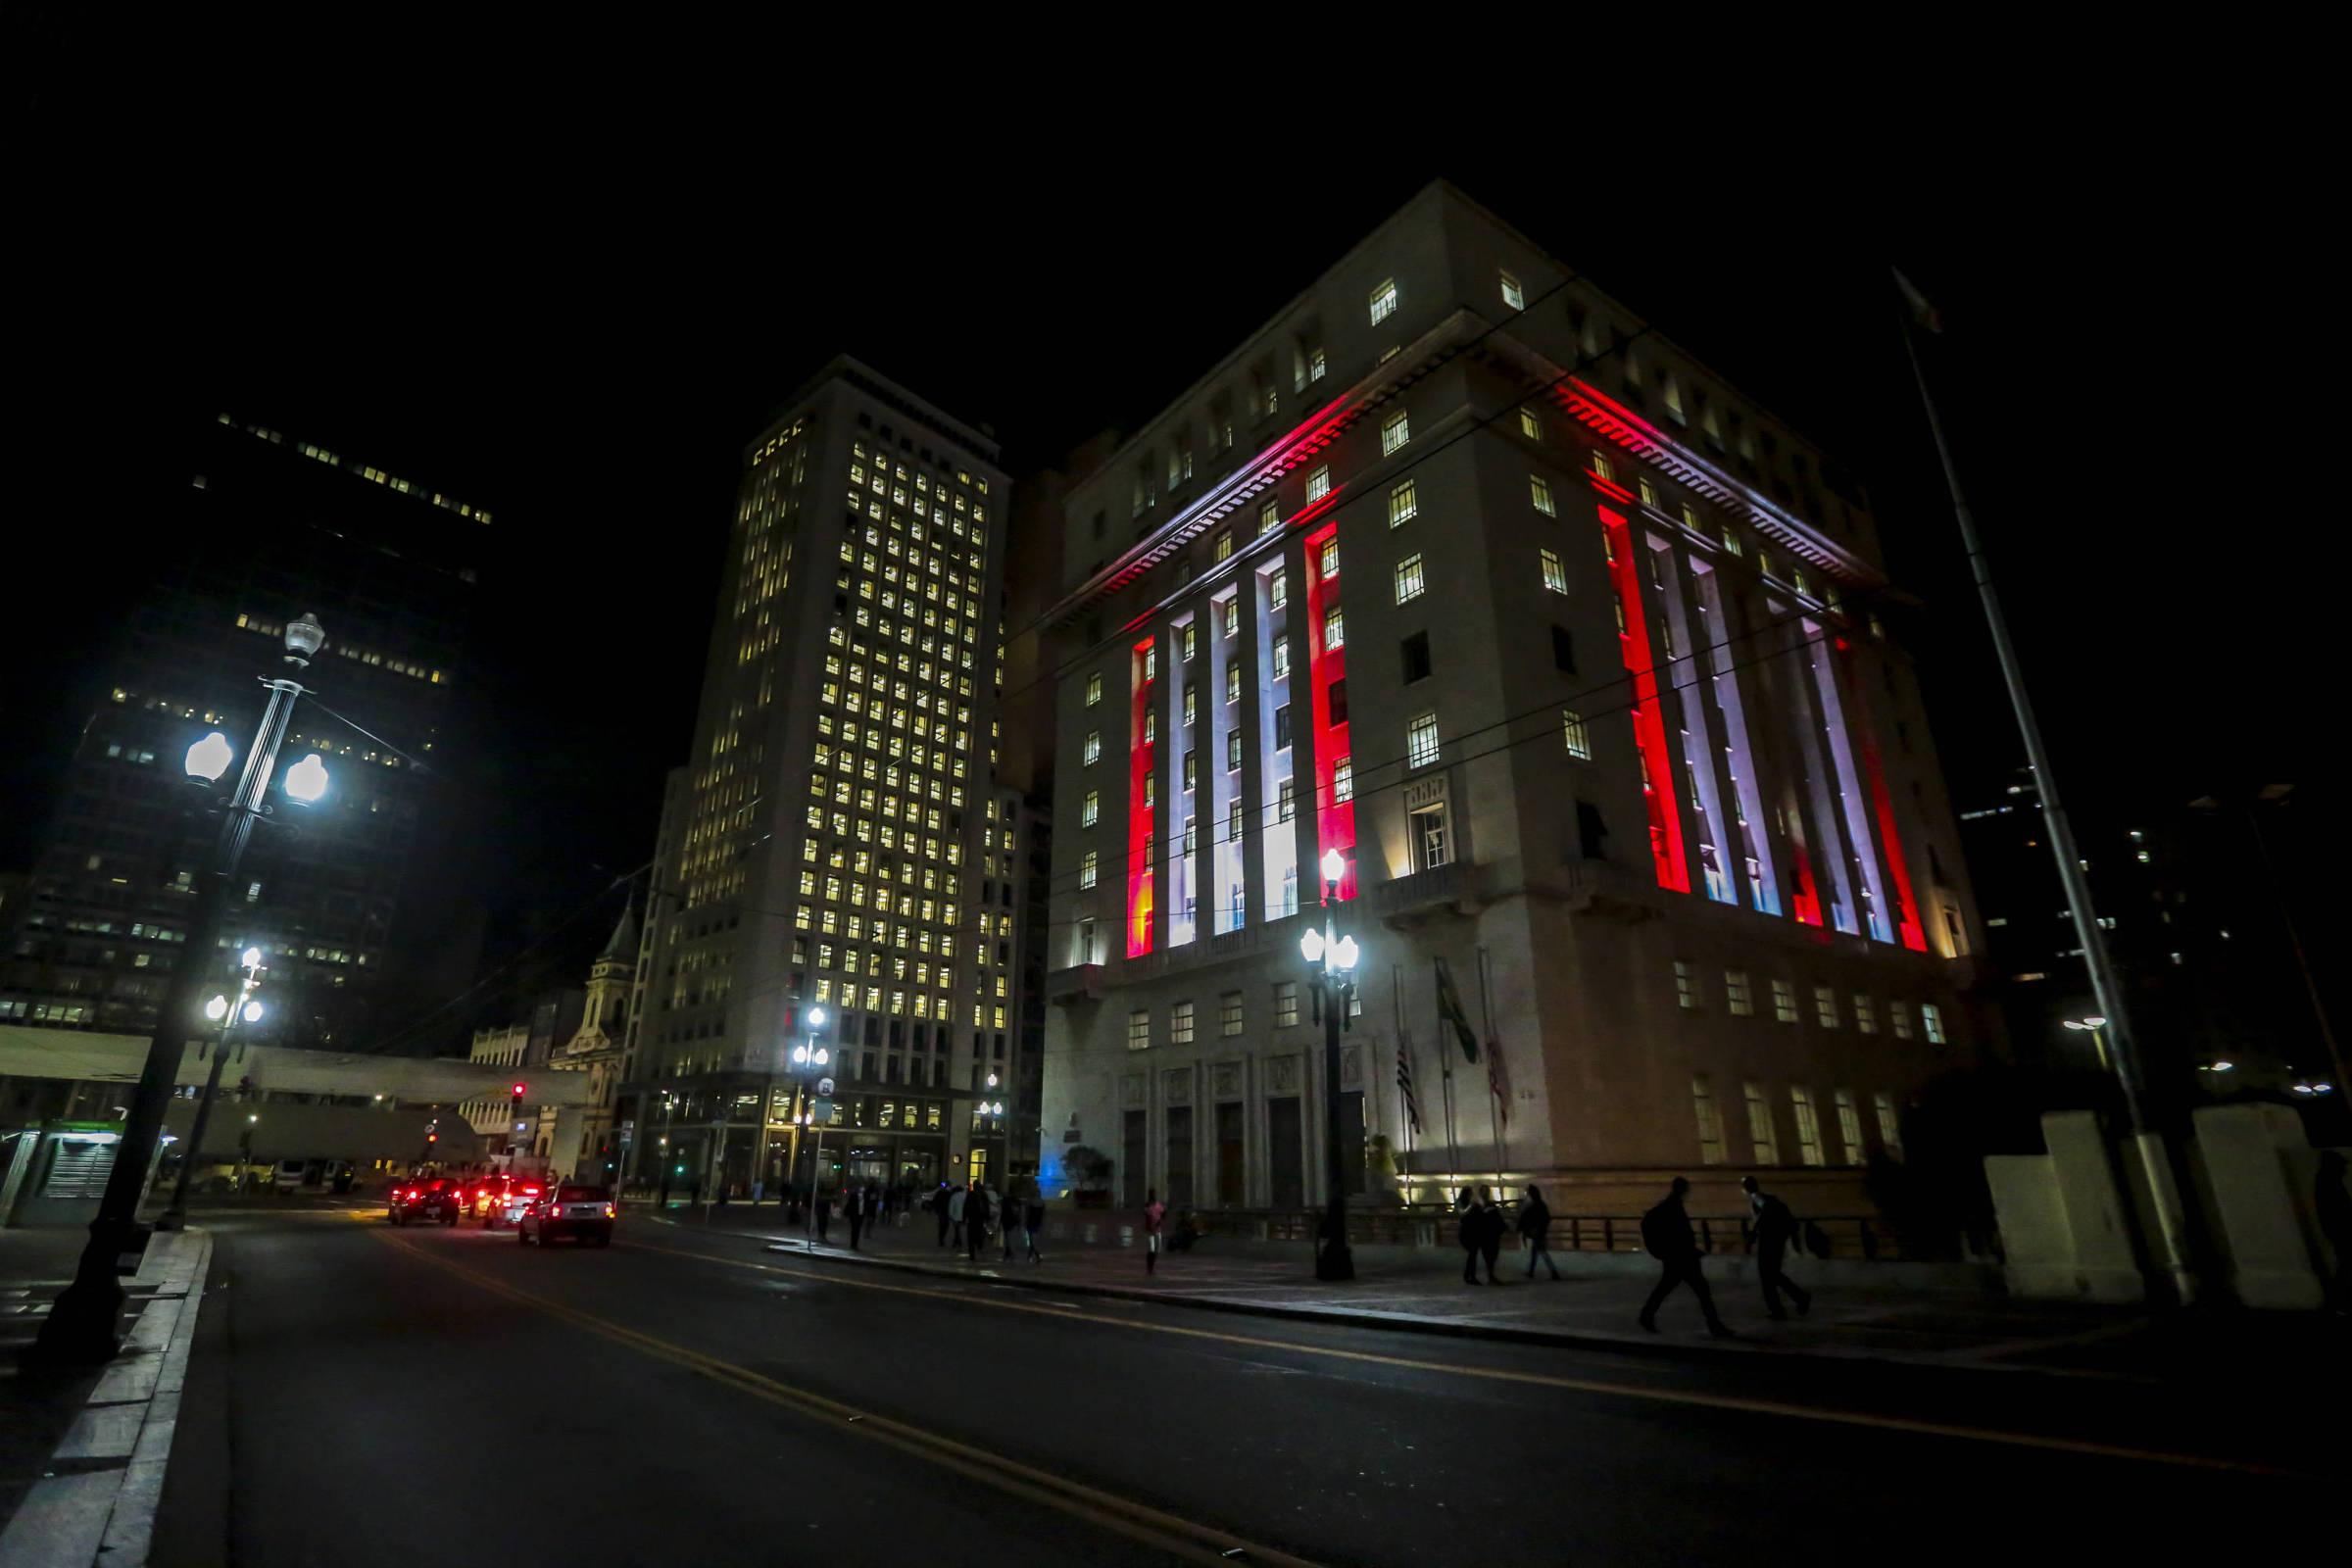 Após explosões em Beirute, São Paulo ilumina prédios com as cores do Líbano